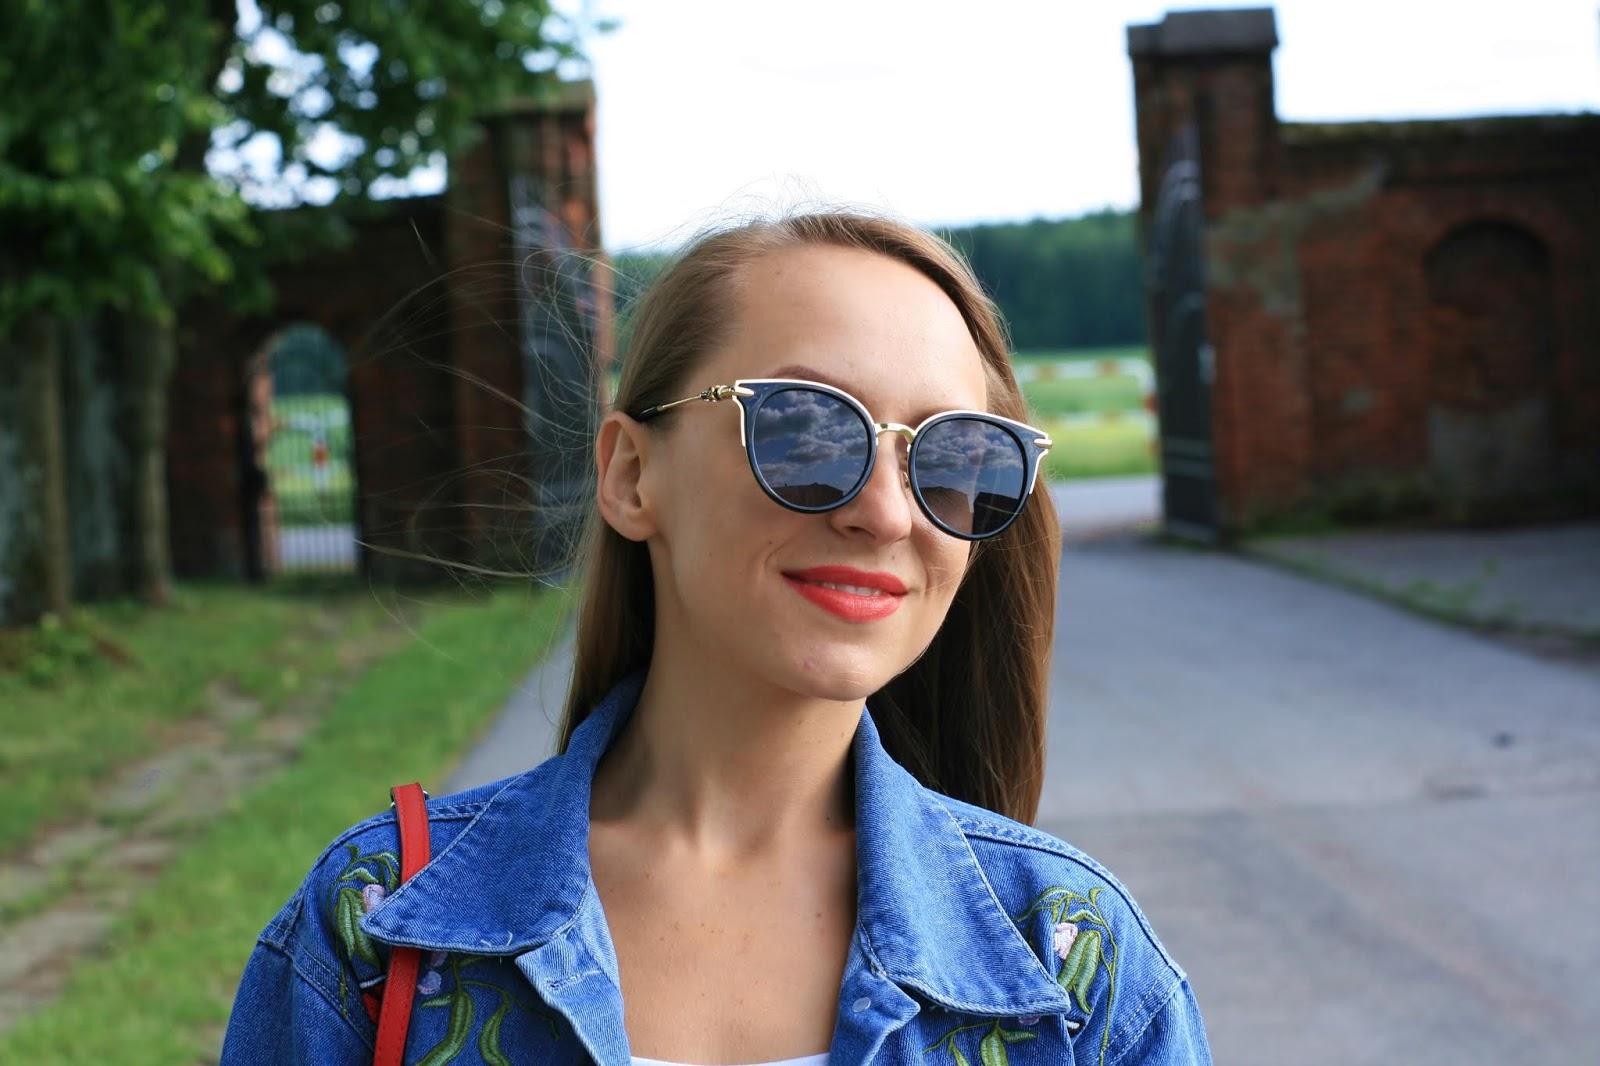 Rosegal denim jacket in casual stylization | Strój dnia z kurtką jeansową Rosegal